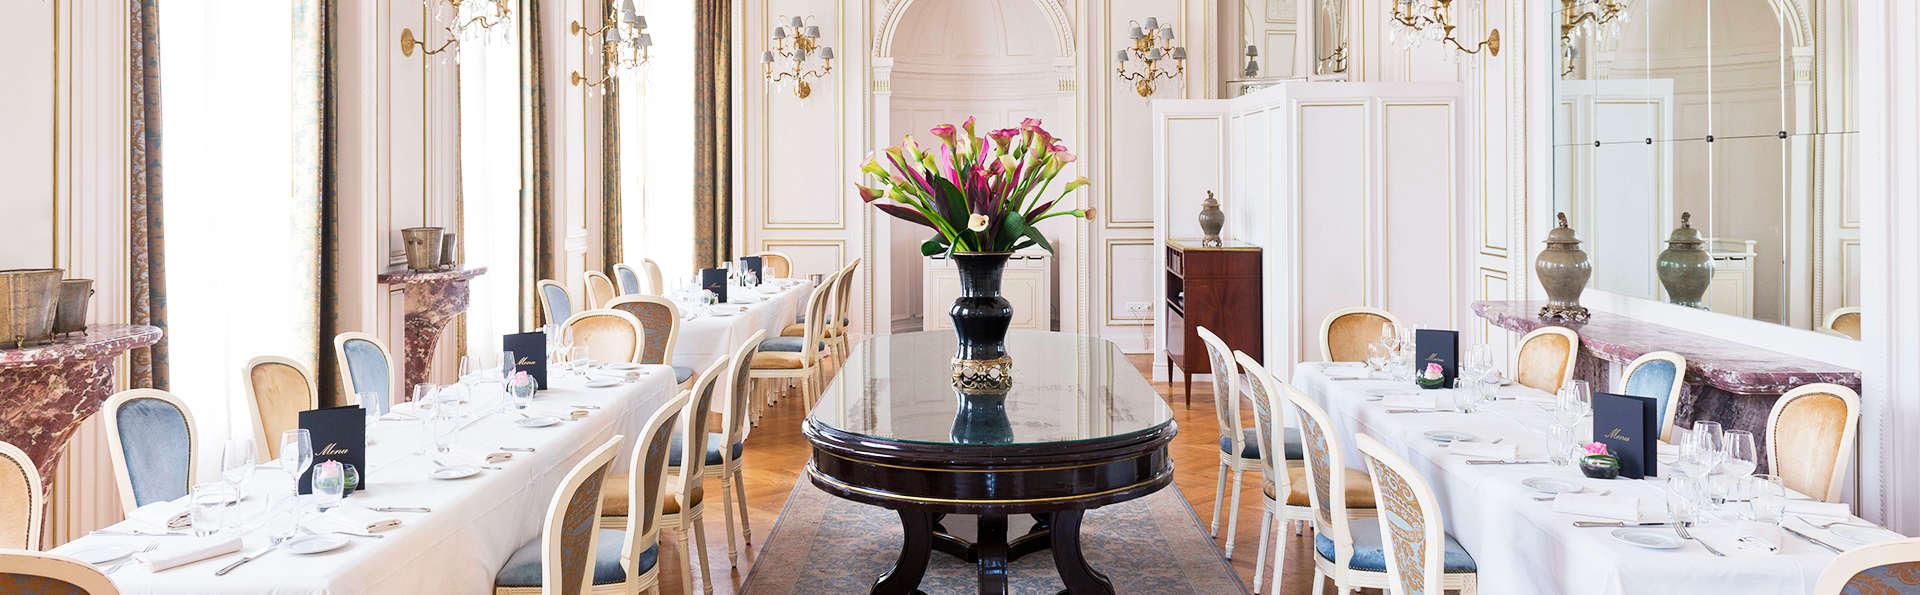 Pause bien-être avec dîner dans un château près de Chantilly